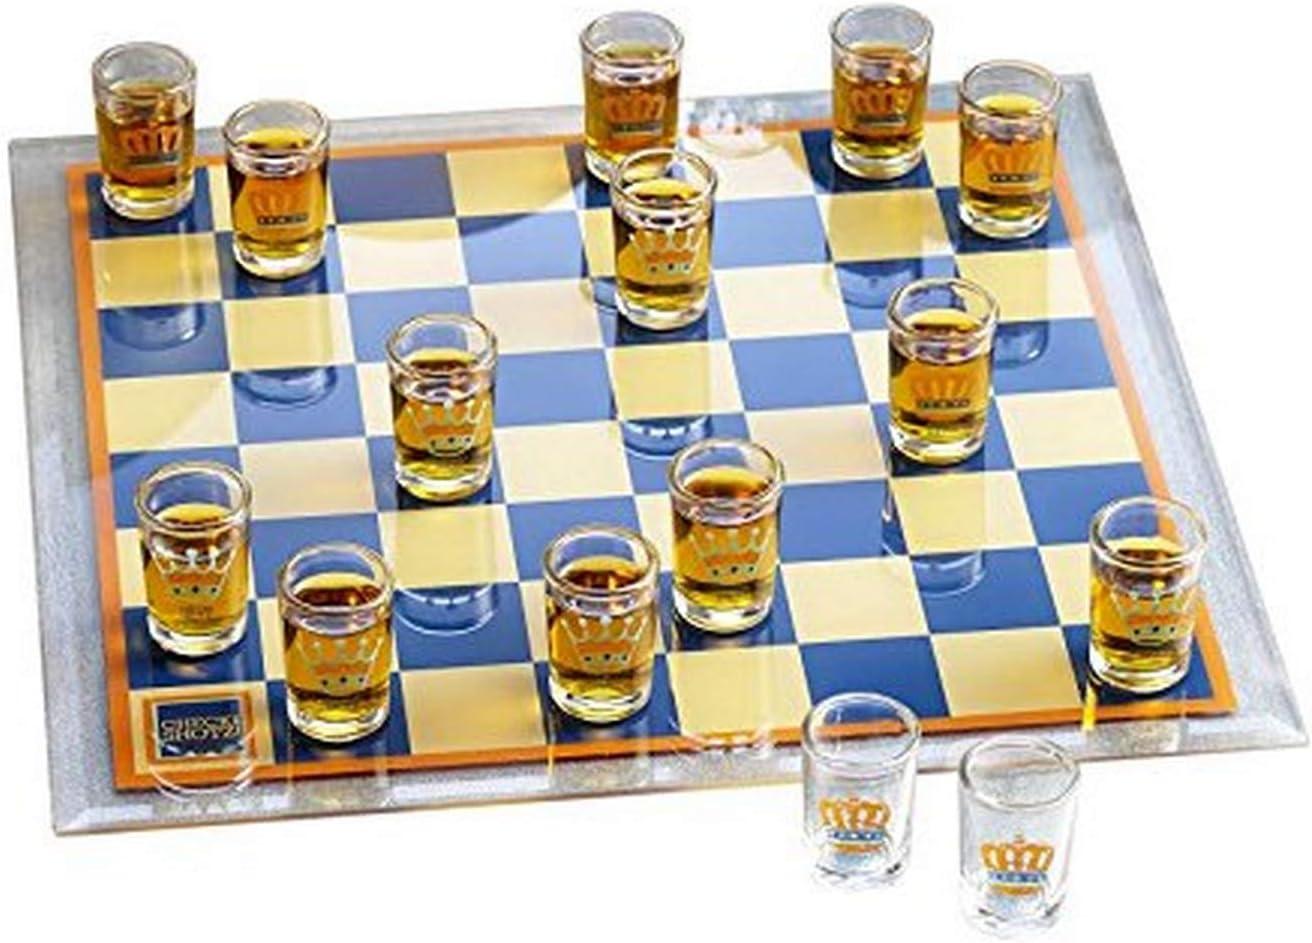 Game Night 326123-GB Checkers Shot - Juego de vasos de chupito (cristal), transparente: Amazon.es: Hogar